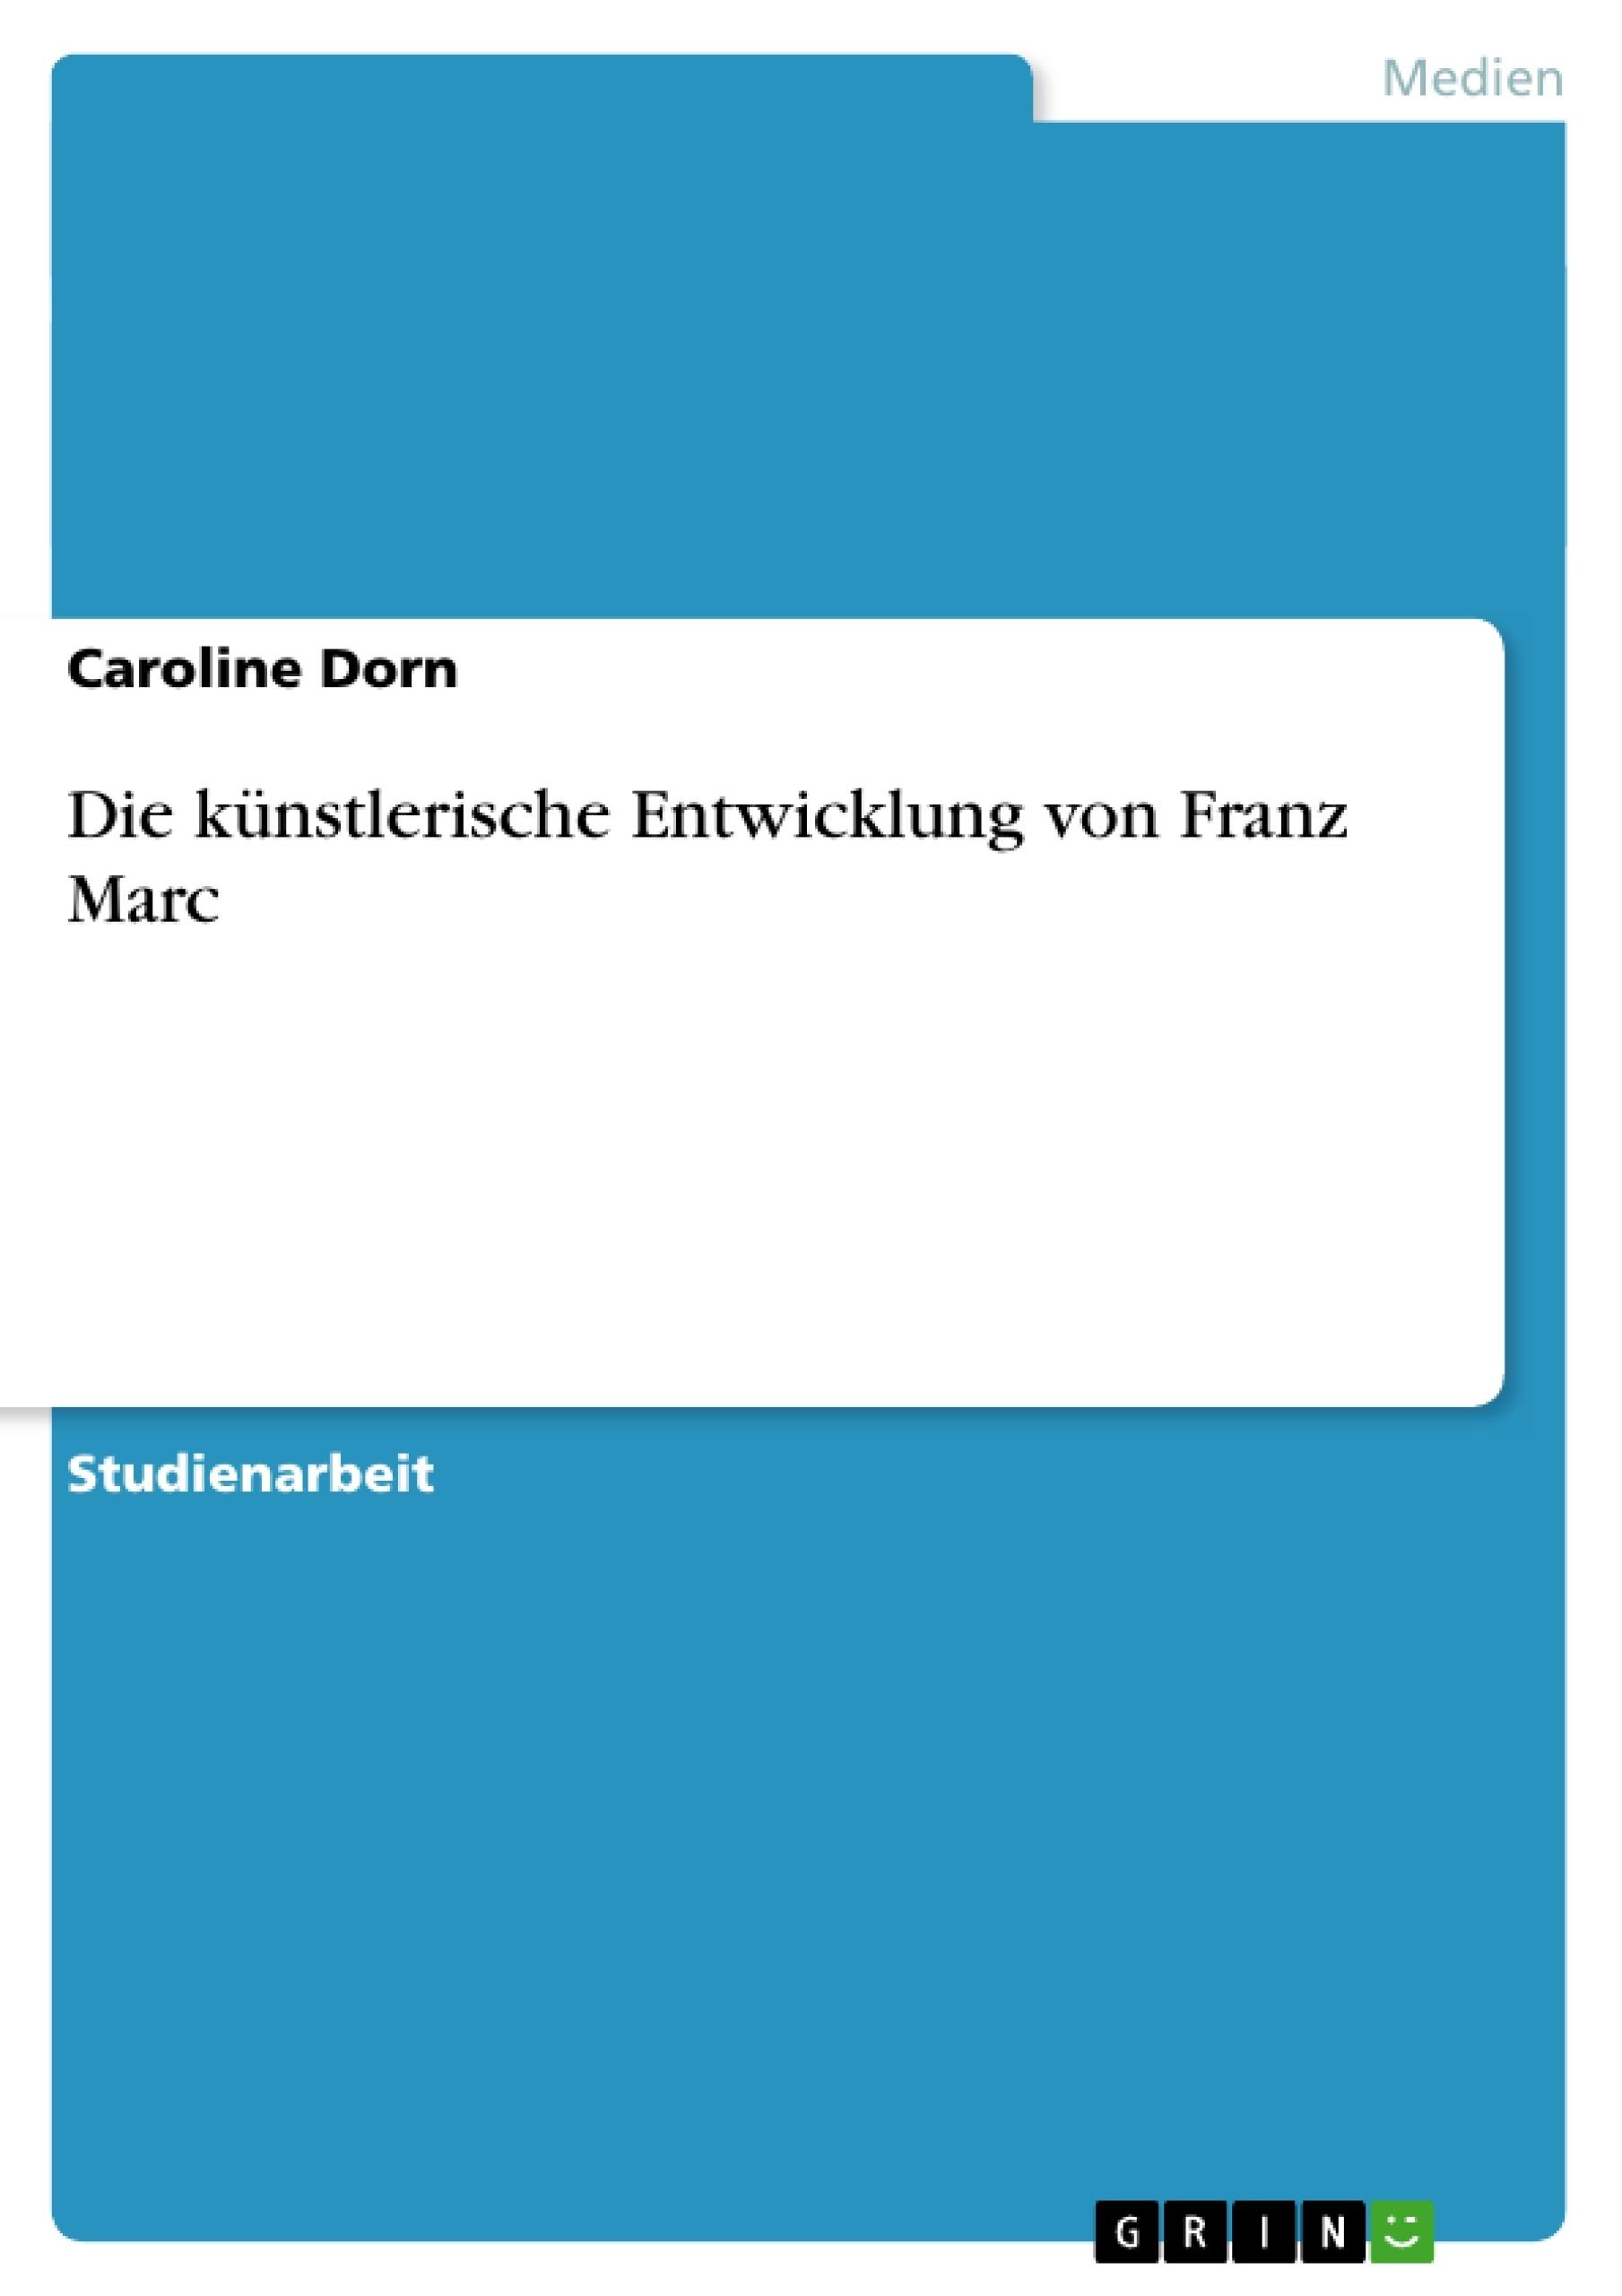 Titel: Die künstlerische Entwicklung von Franz Marc